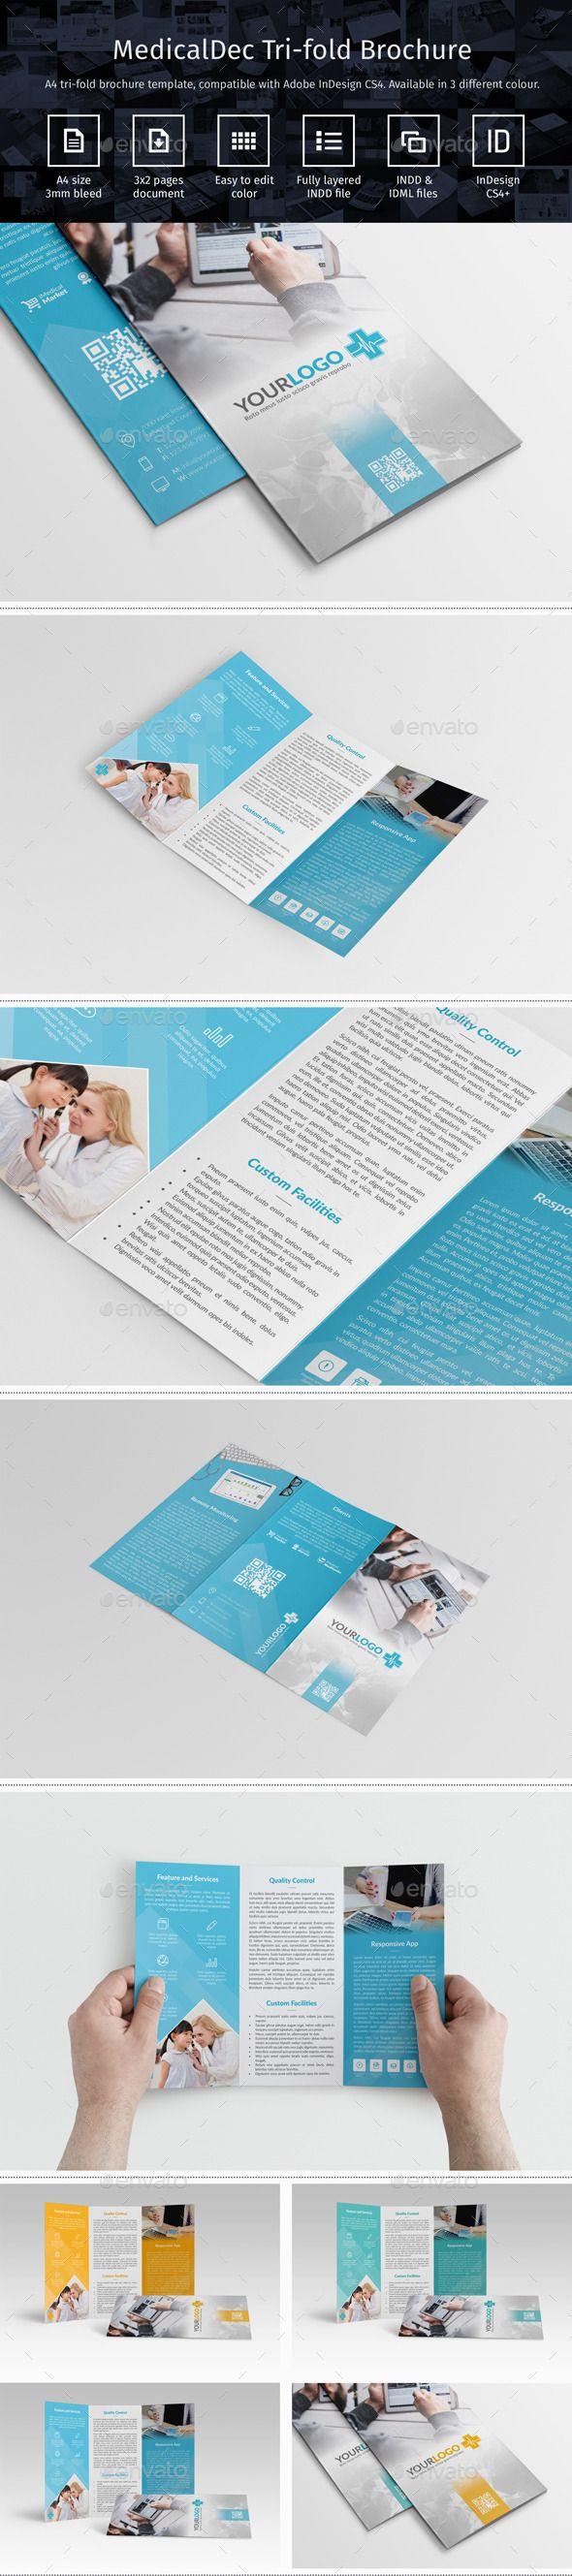 Medical Trifold Brochure Template InDesign INDD #design Download: http://graphicriver.net/item/medicaldec_trifold_brochure/14203284?ref=ksioks